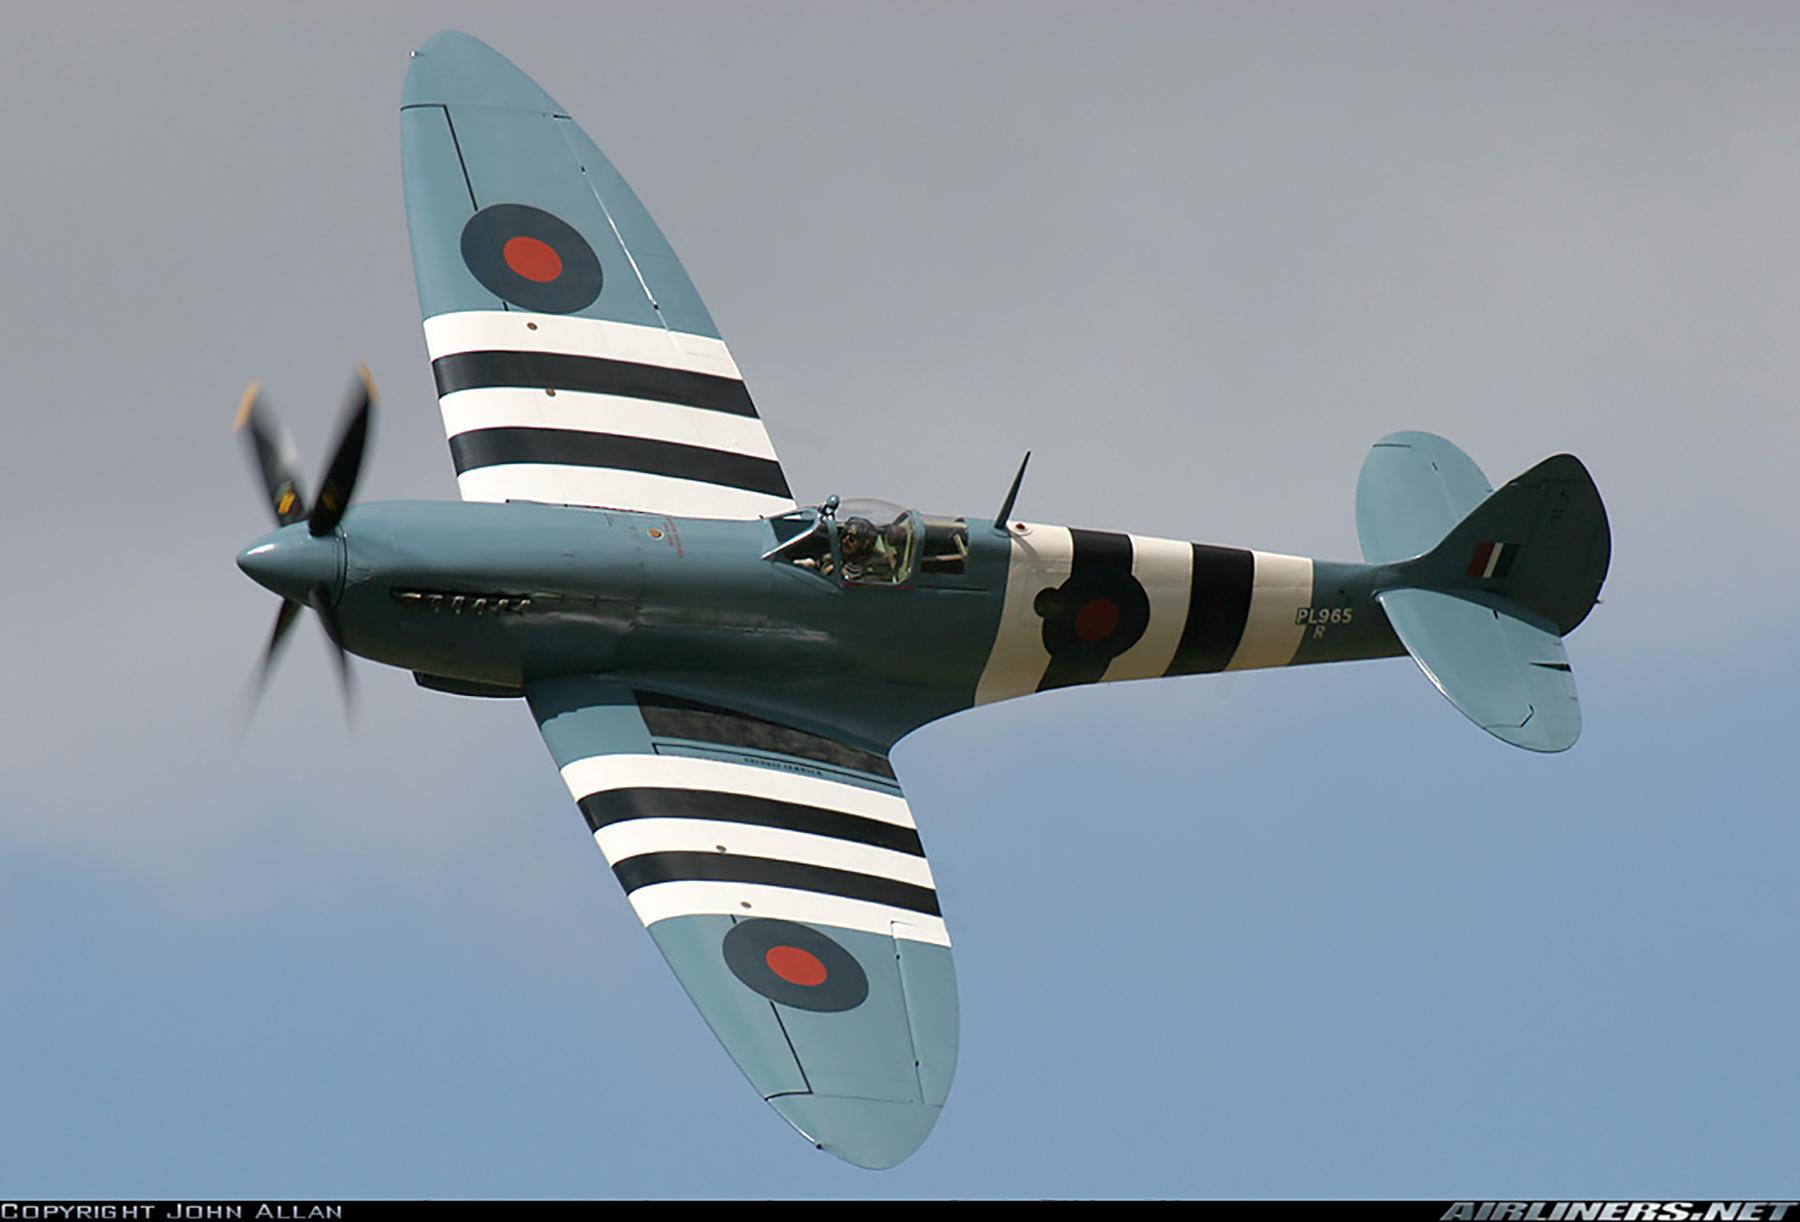 Airworthy Spitfire warbird PRXI RAF 16Sqn R PL965 31